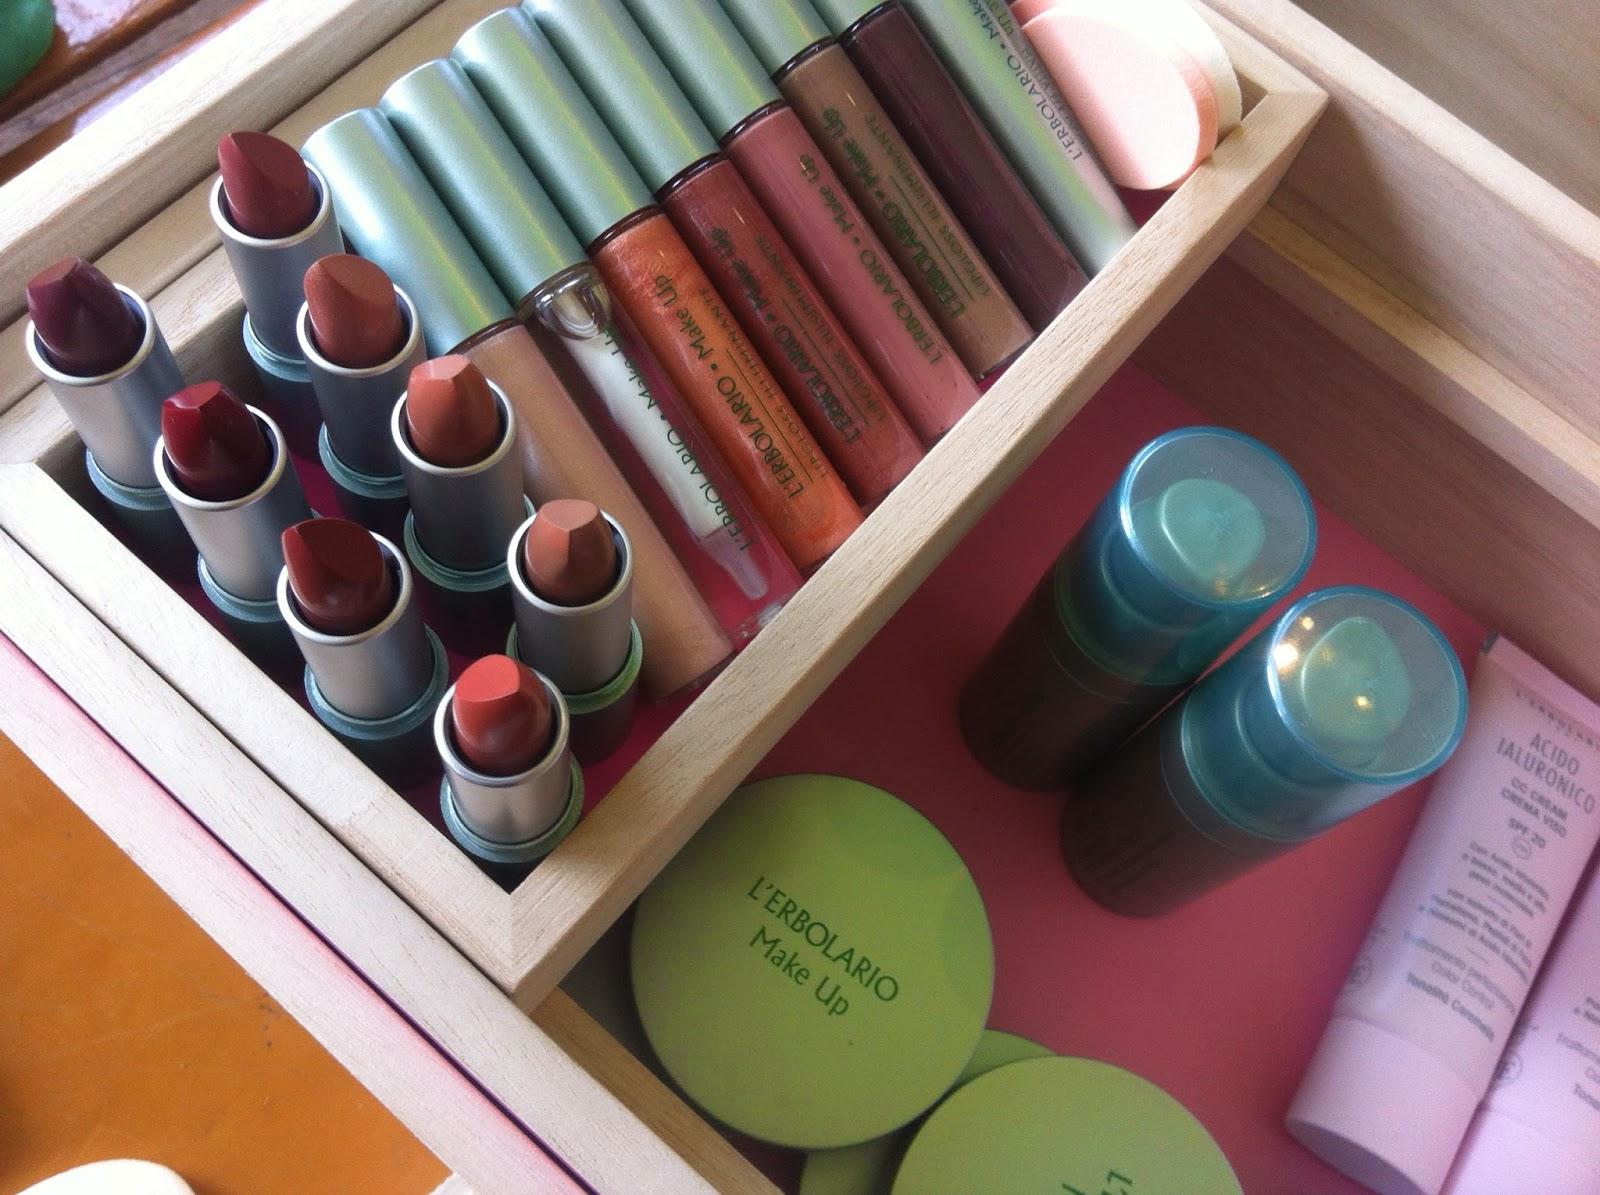 Erbolario, cosmetici, creme, profumi, make up, sede Lodi